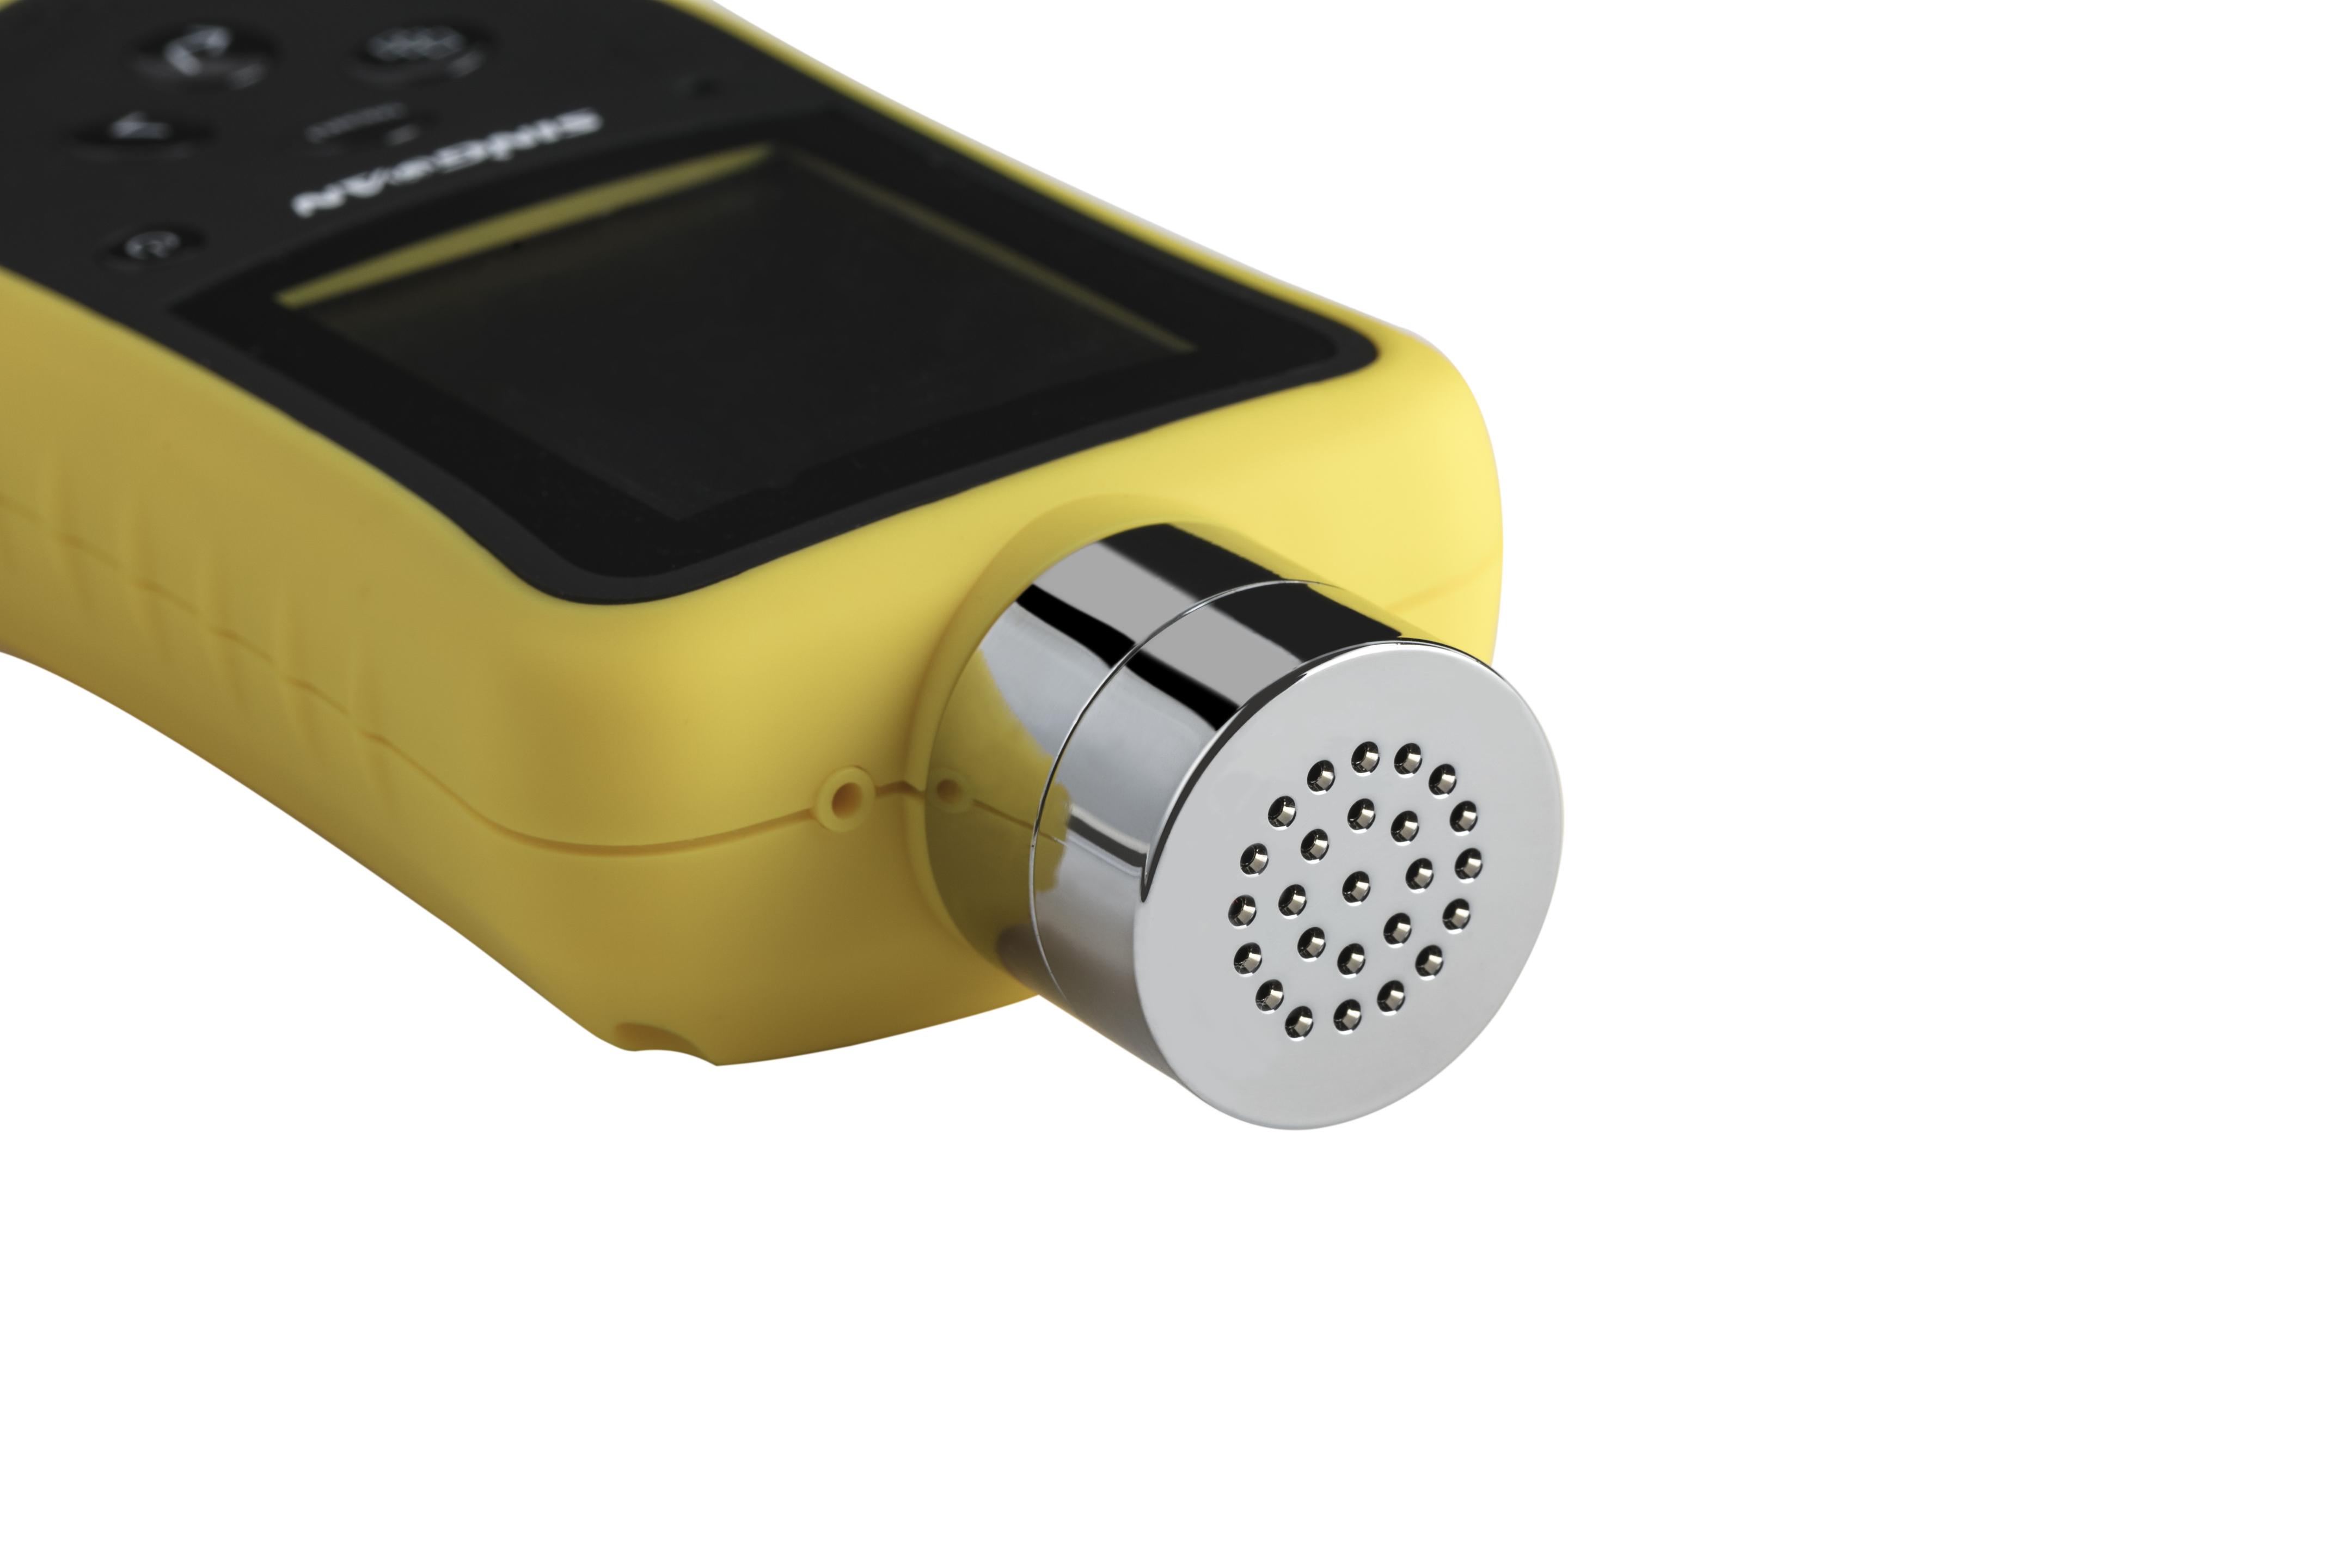 声光振三重报警甲醇气体检测仪2019款促销出厂价手持甲醇气体报警器